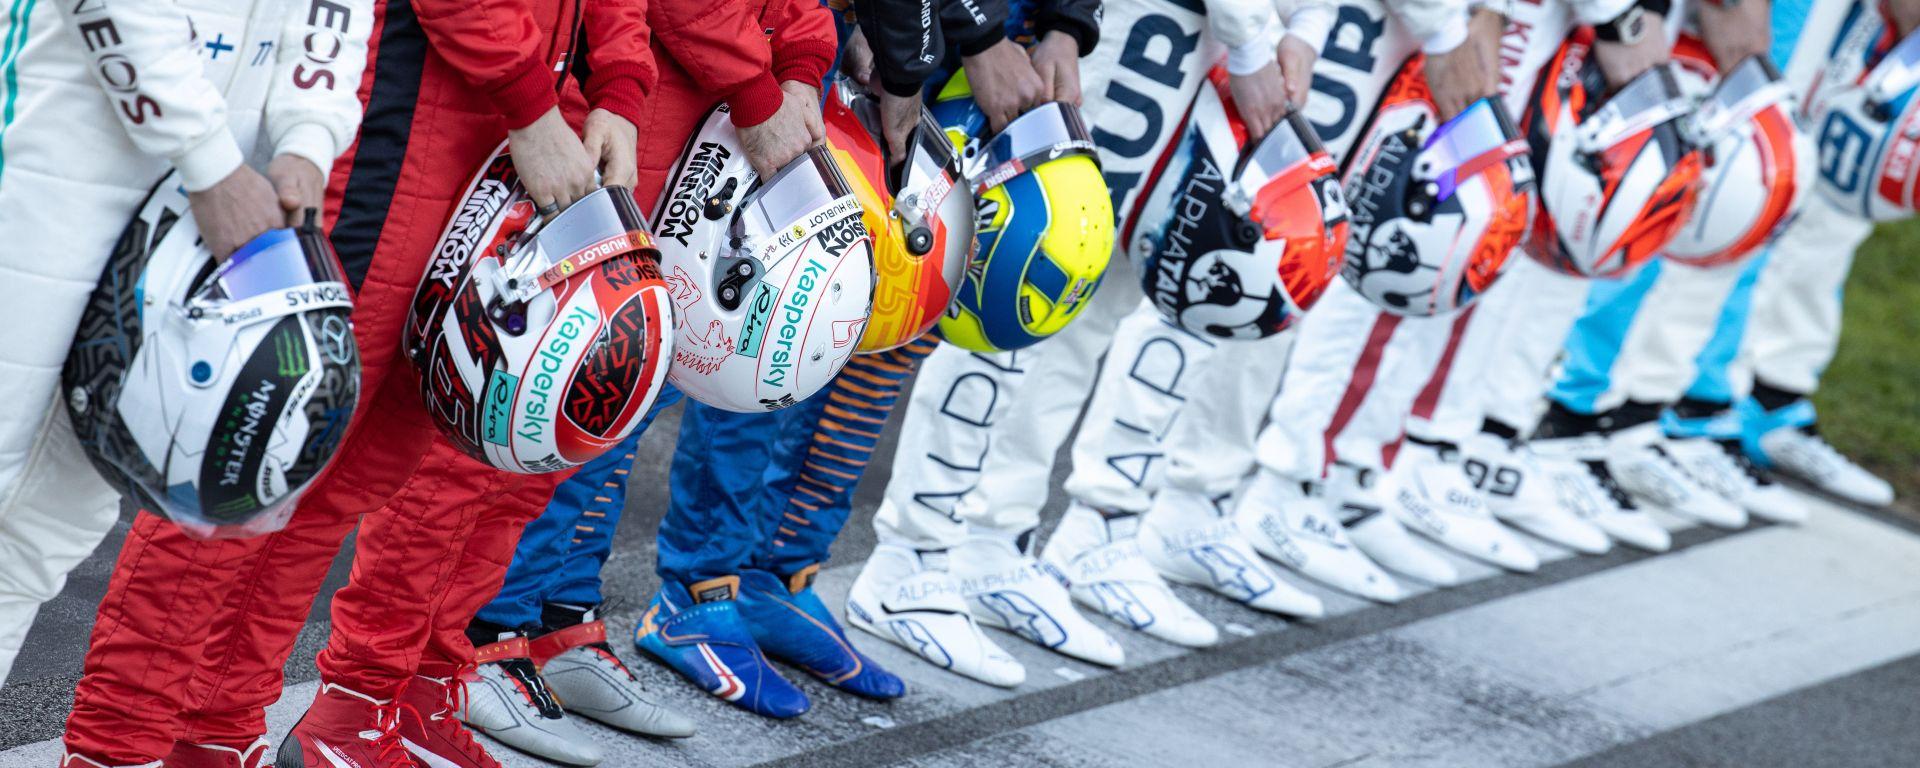 Test F1 Barcellona 2020, i caschi dei piloti 2020